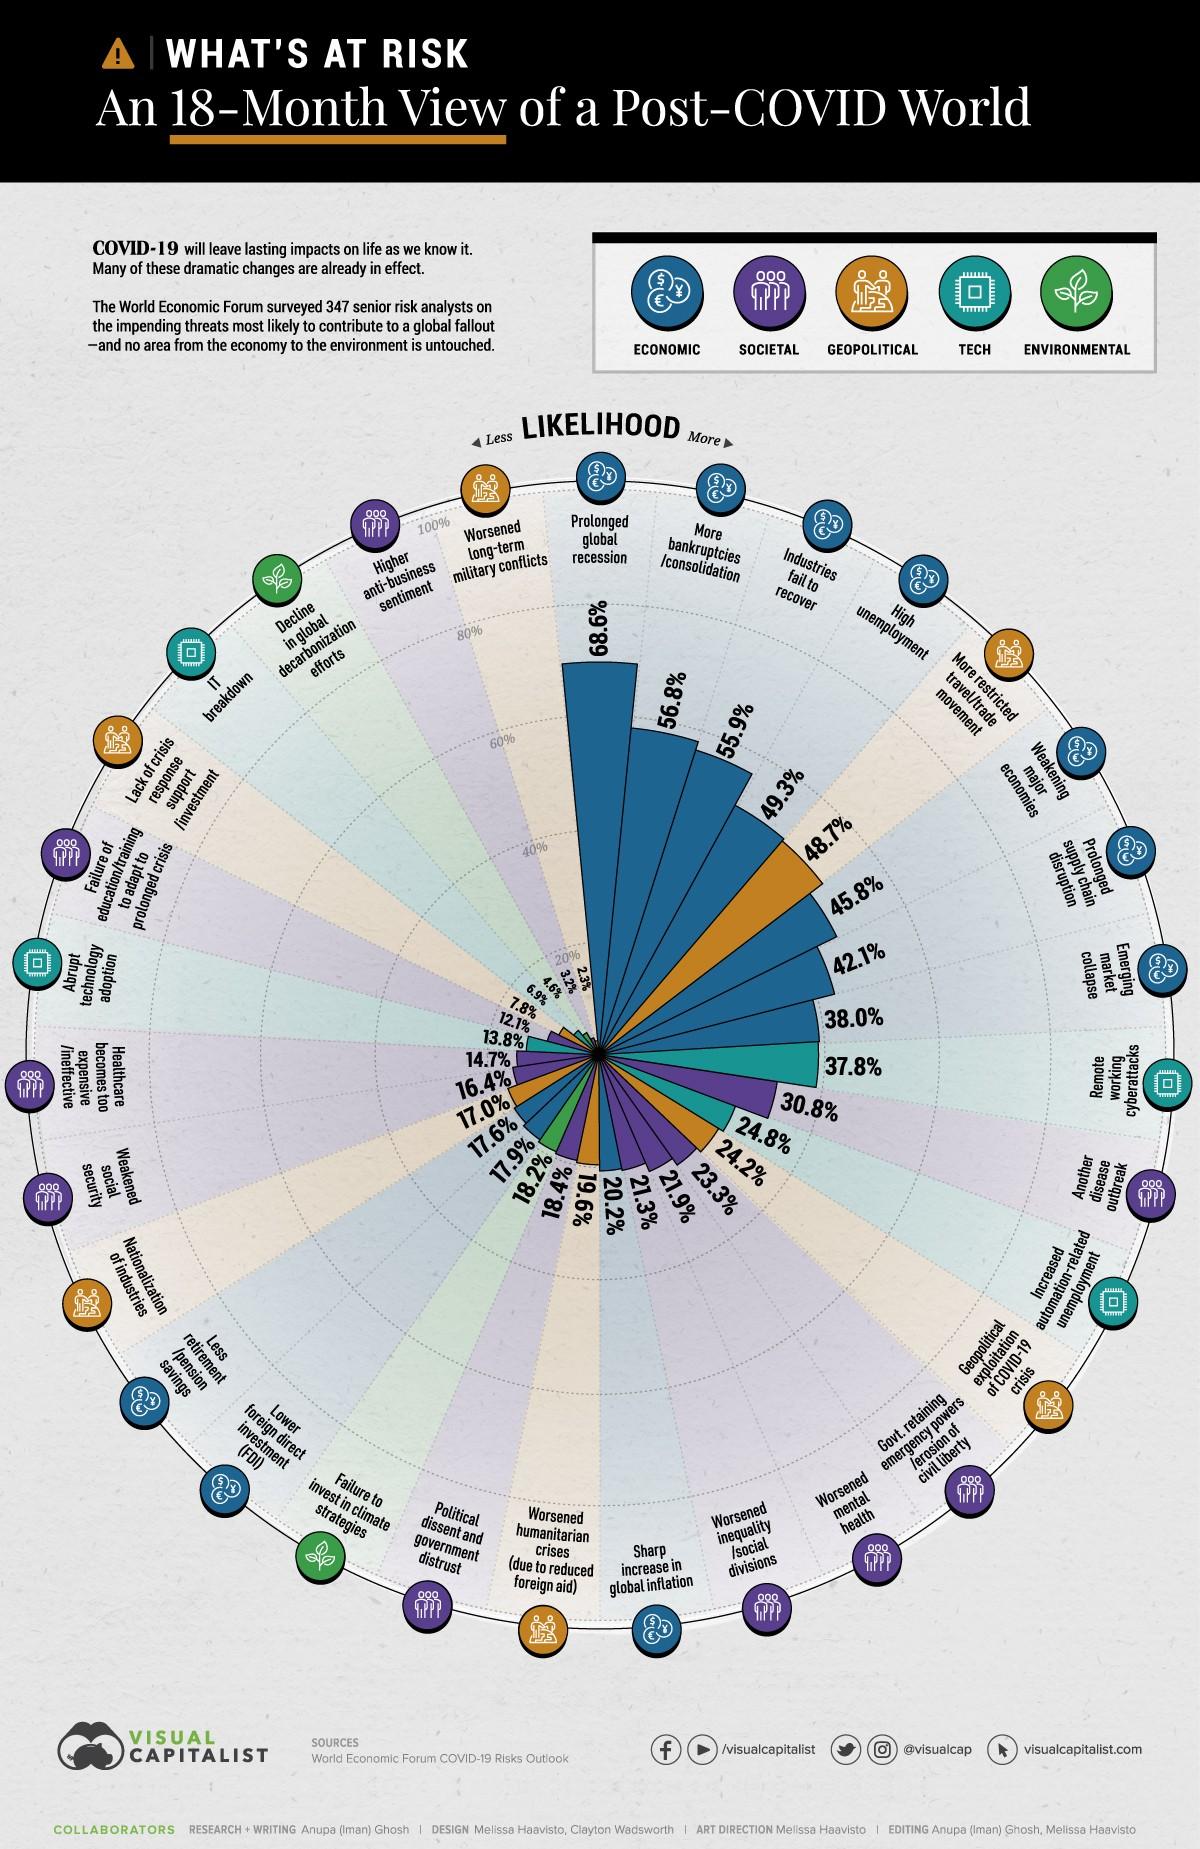 A koronavírus okozta legvalószínűbb kockázatokat mutató ábra a következő 18 hónapban